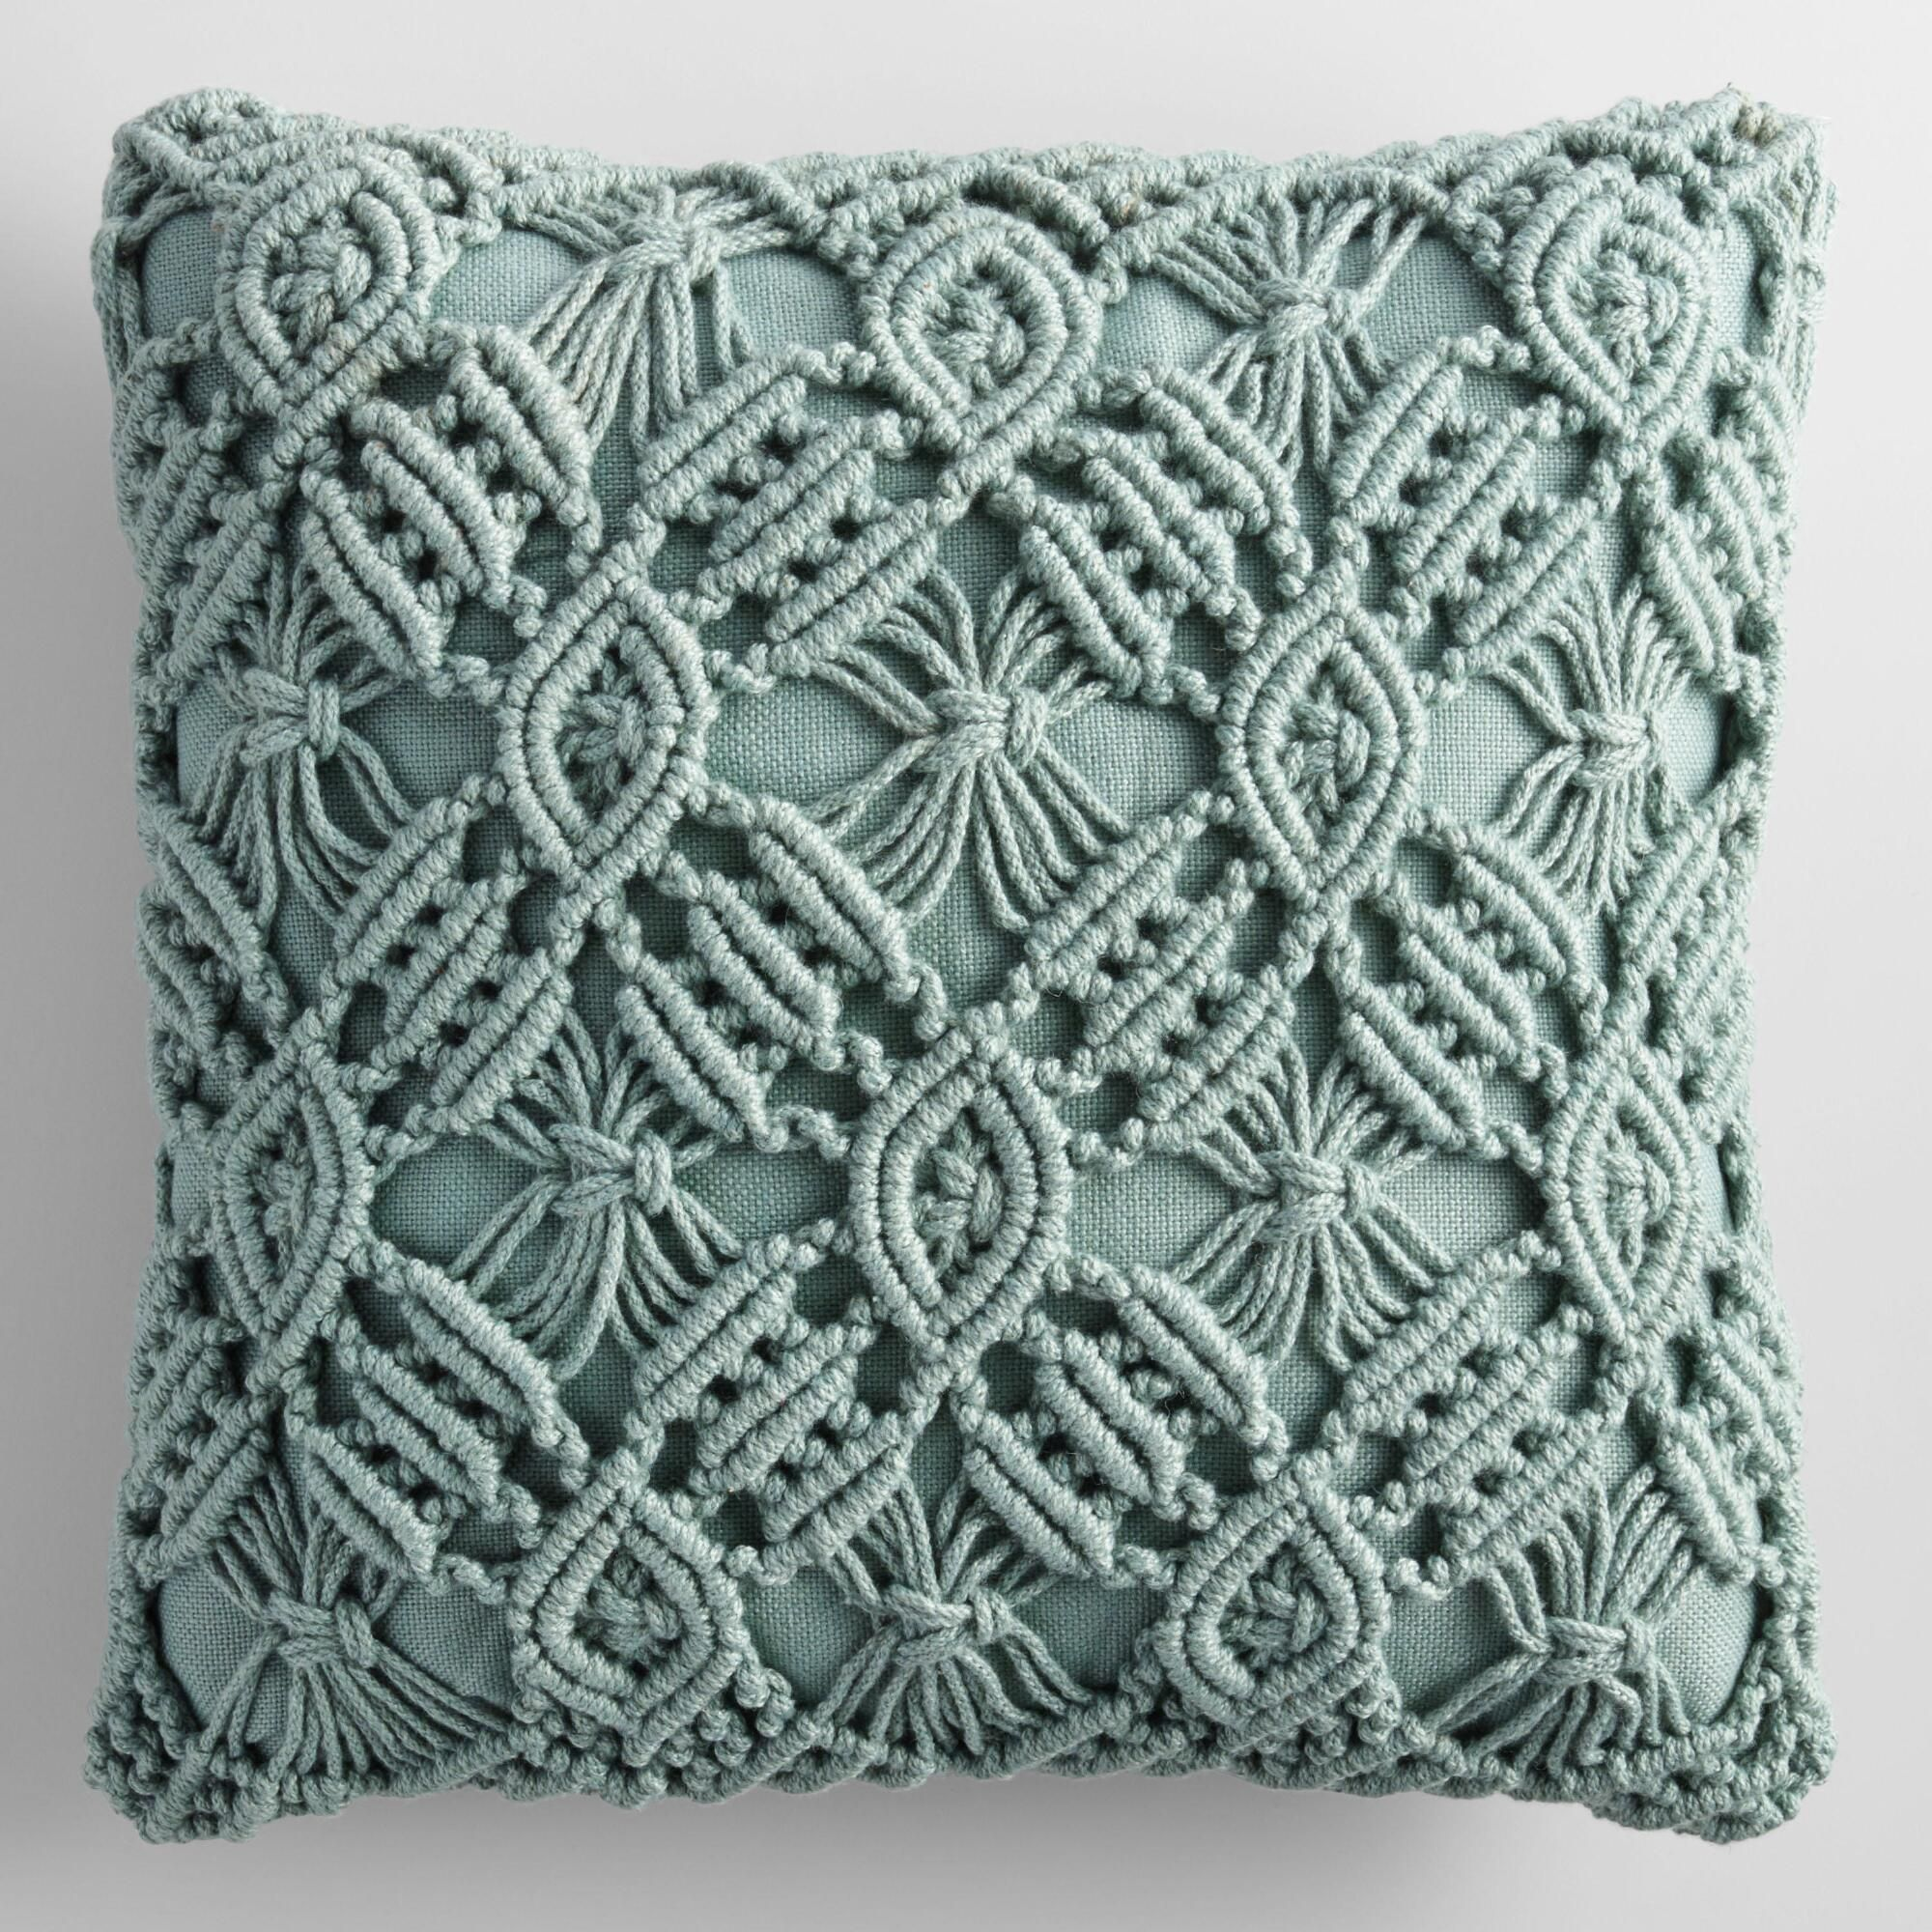 52337e5c548b Jadeite Macrame Indoor Outdoor Patio Throw Pillow  Green - Polyester ...